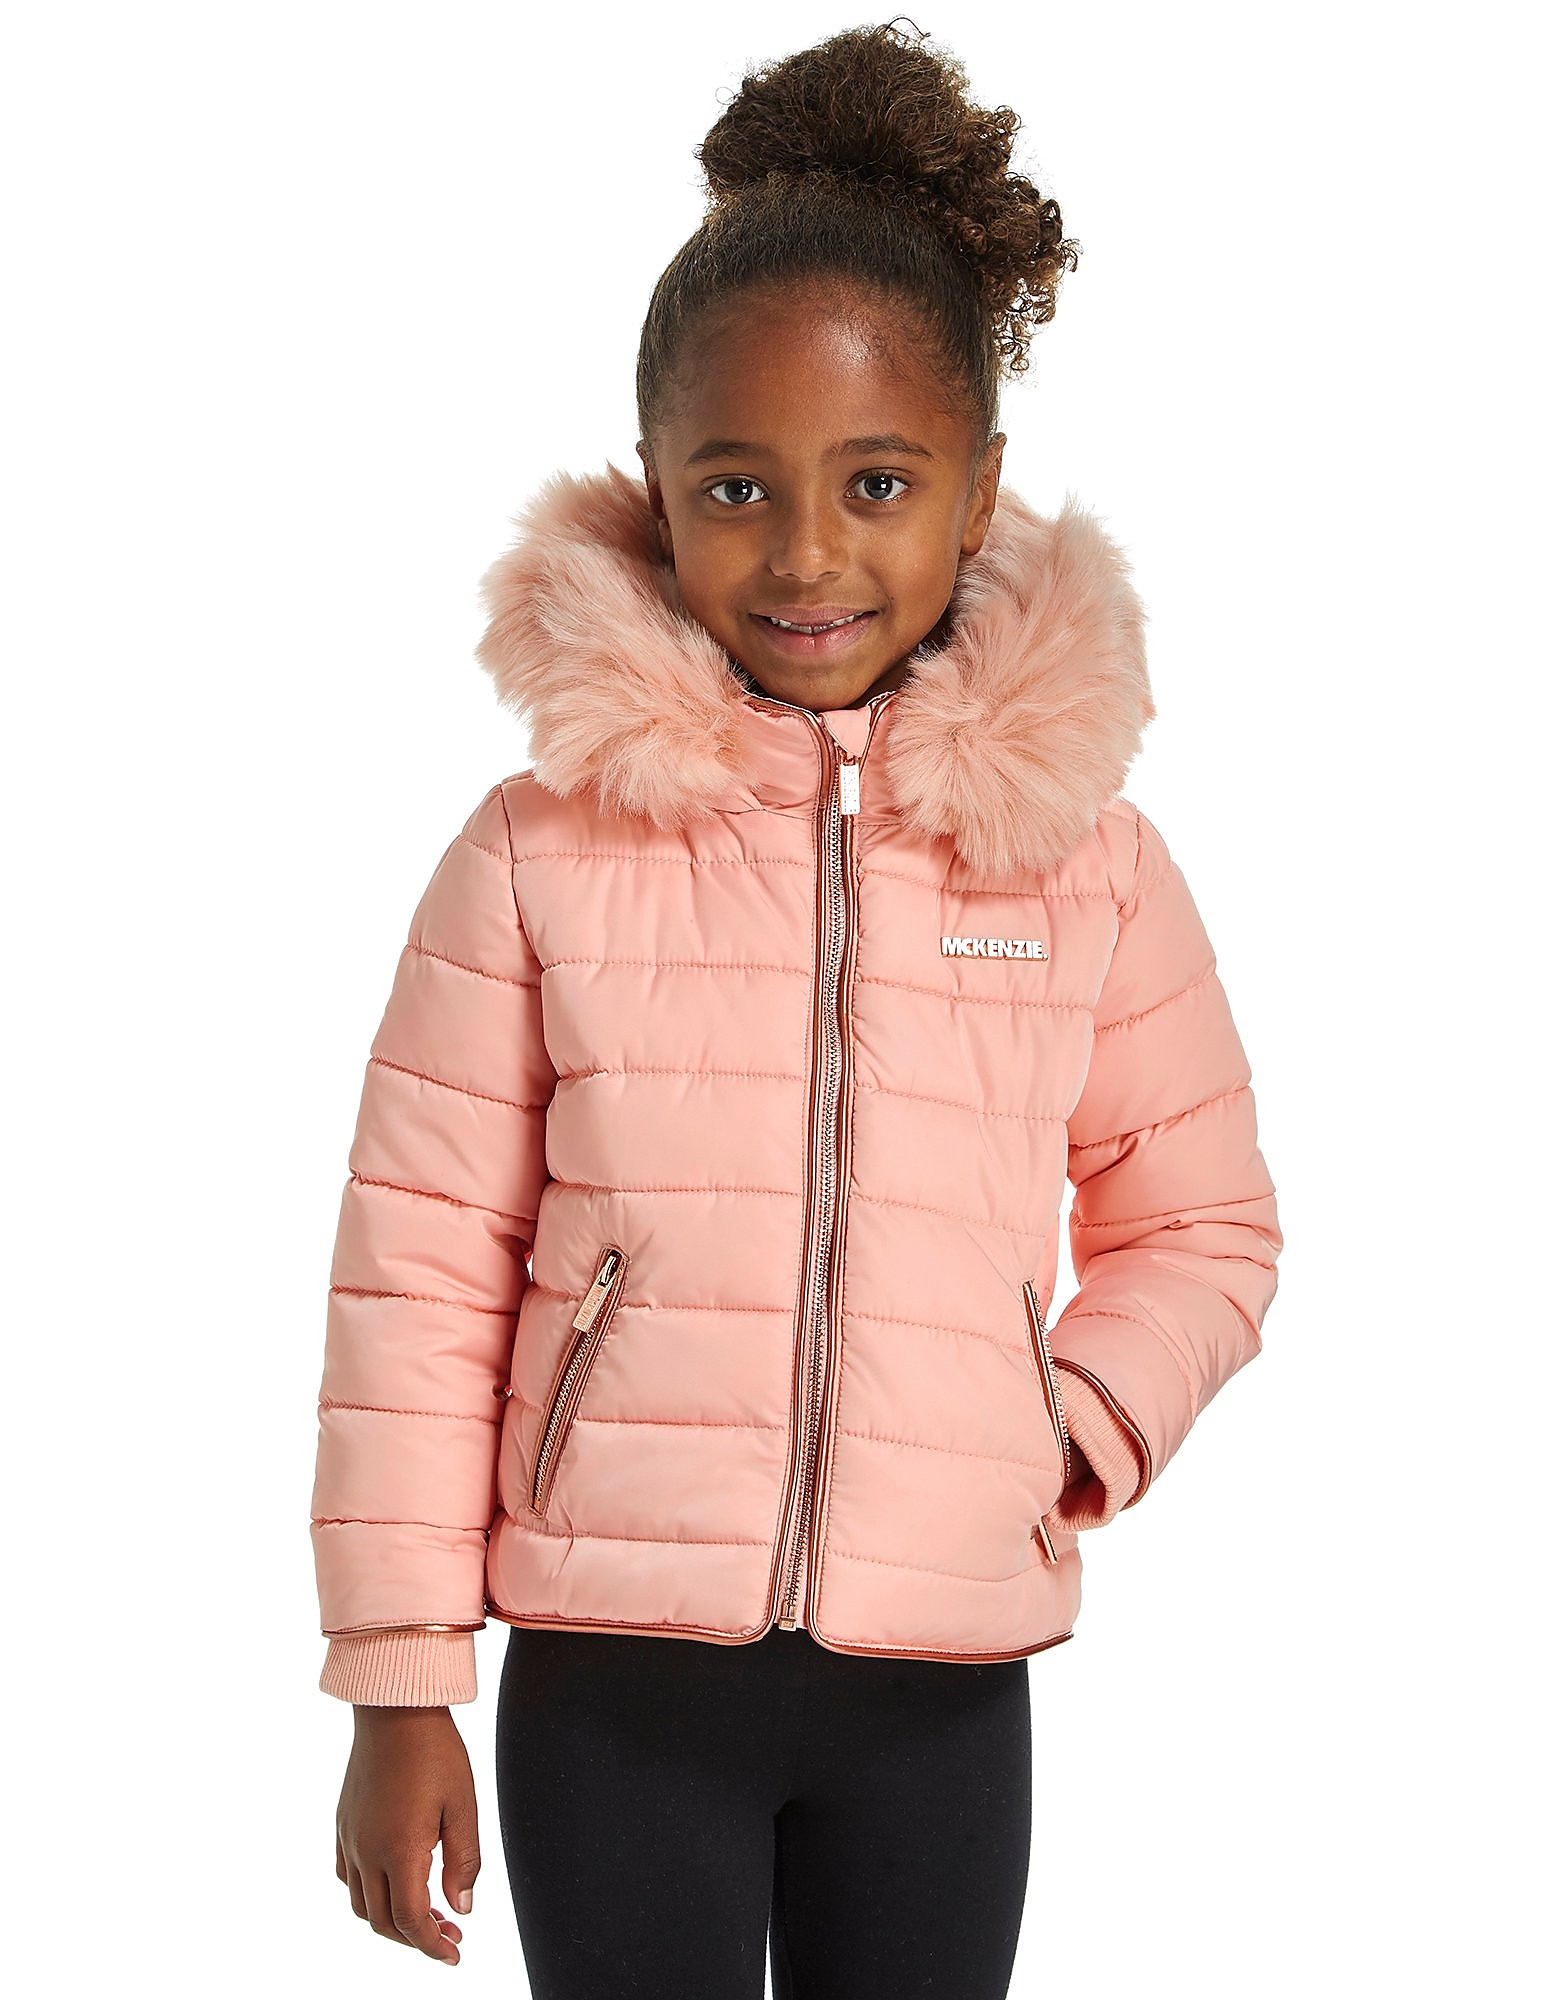 McKenzie Girls' Lola Jacket Children